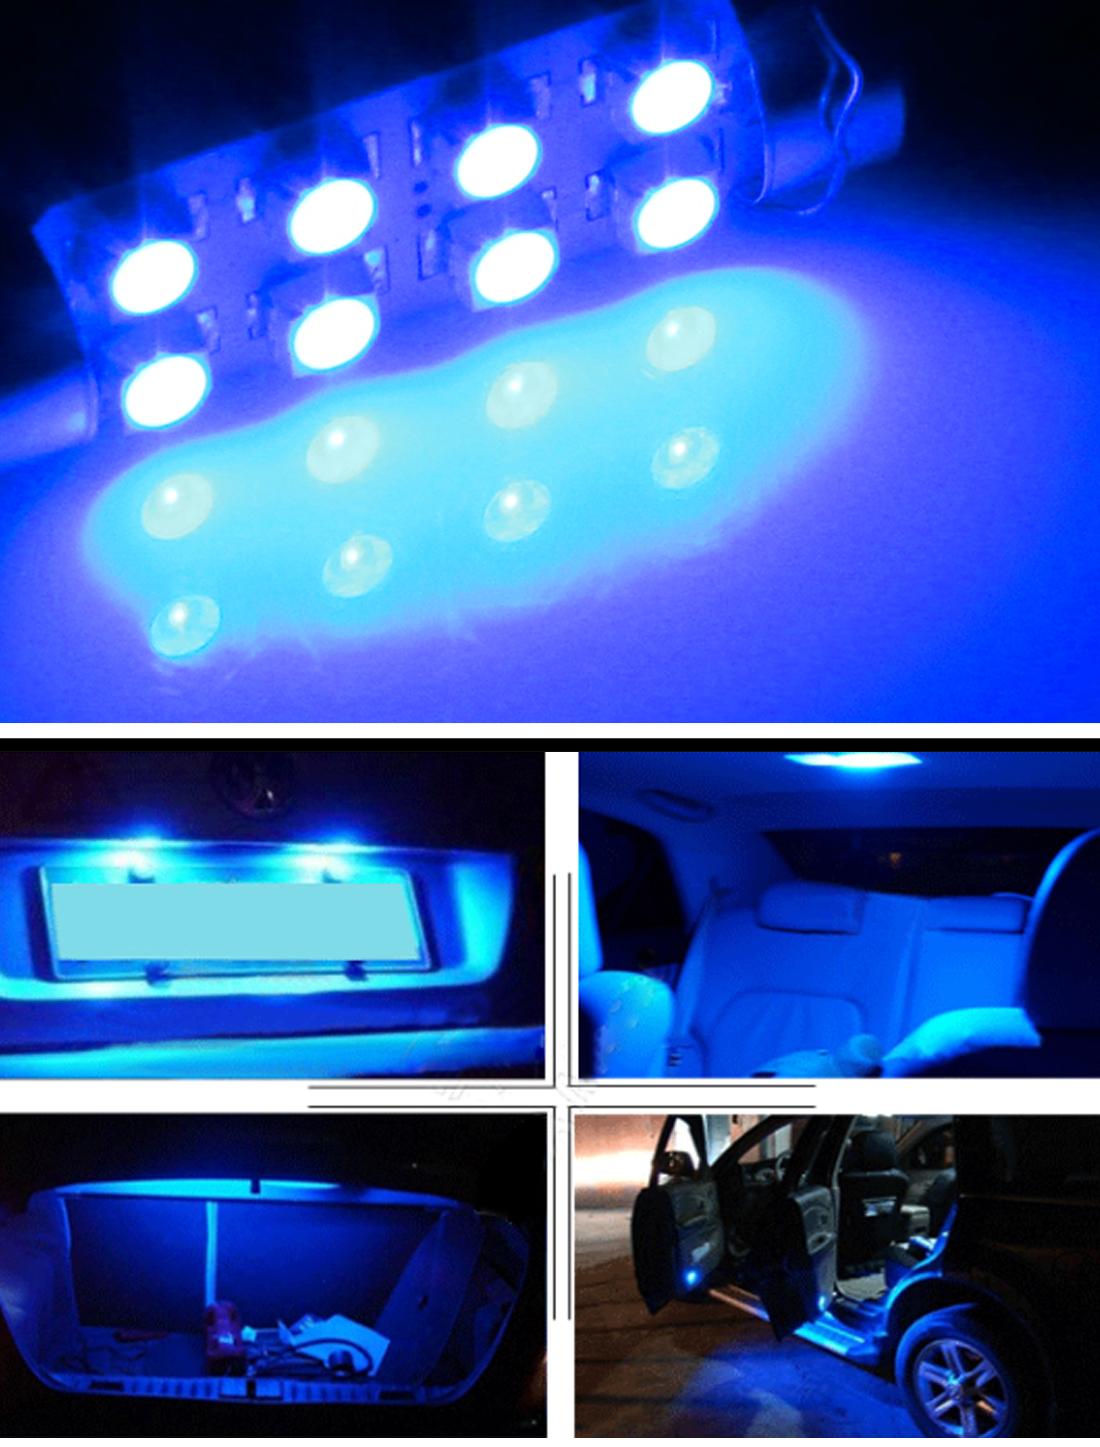 2 x 42mm car interior dome festoon 8 3528 smd led light lamp blue dc 12v ebay. Black Bedroom Furniture Sets. Home Design Ideas